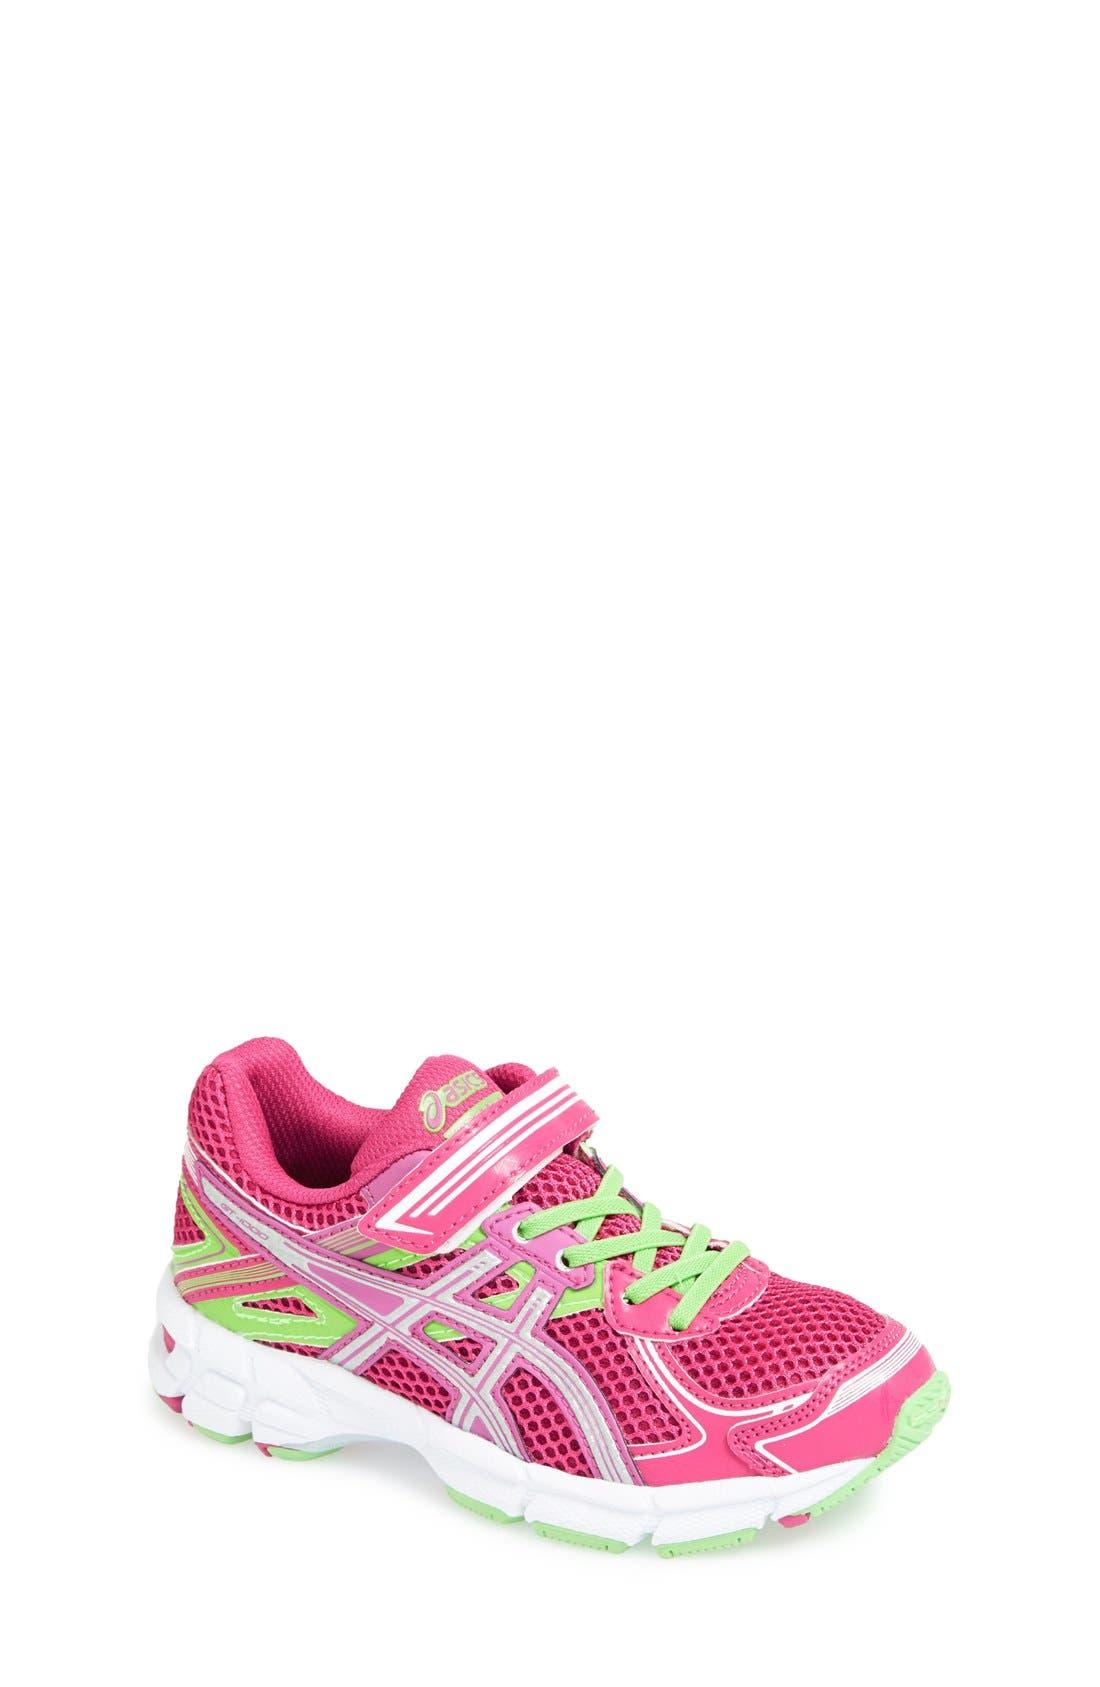 Alternate Image 1 Selected - ASICS® 'GT-1000™' Running Shoe (Toddler & Little Kid)